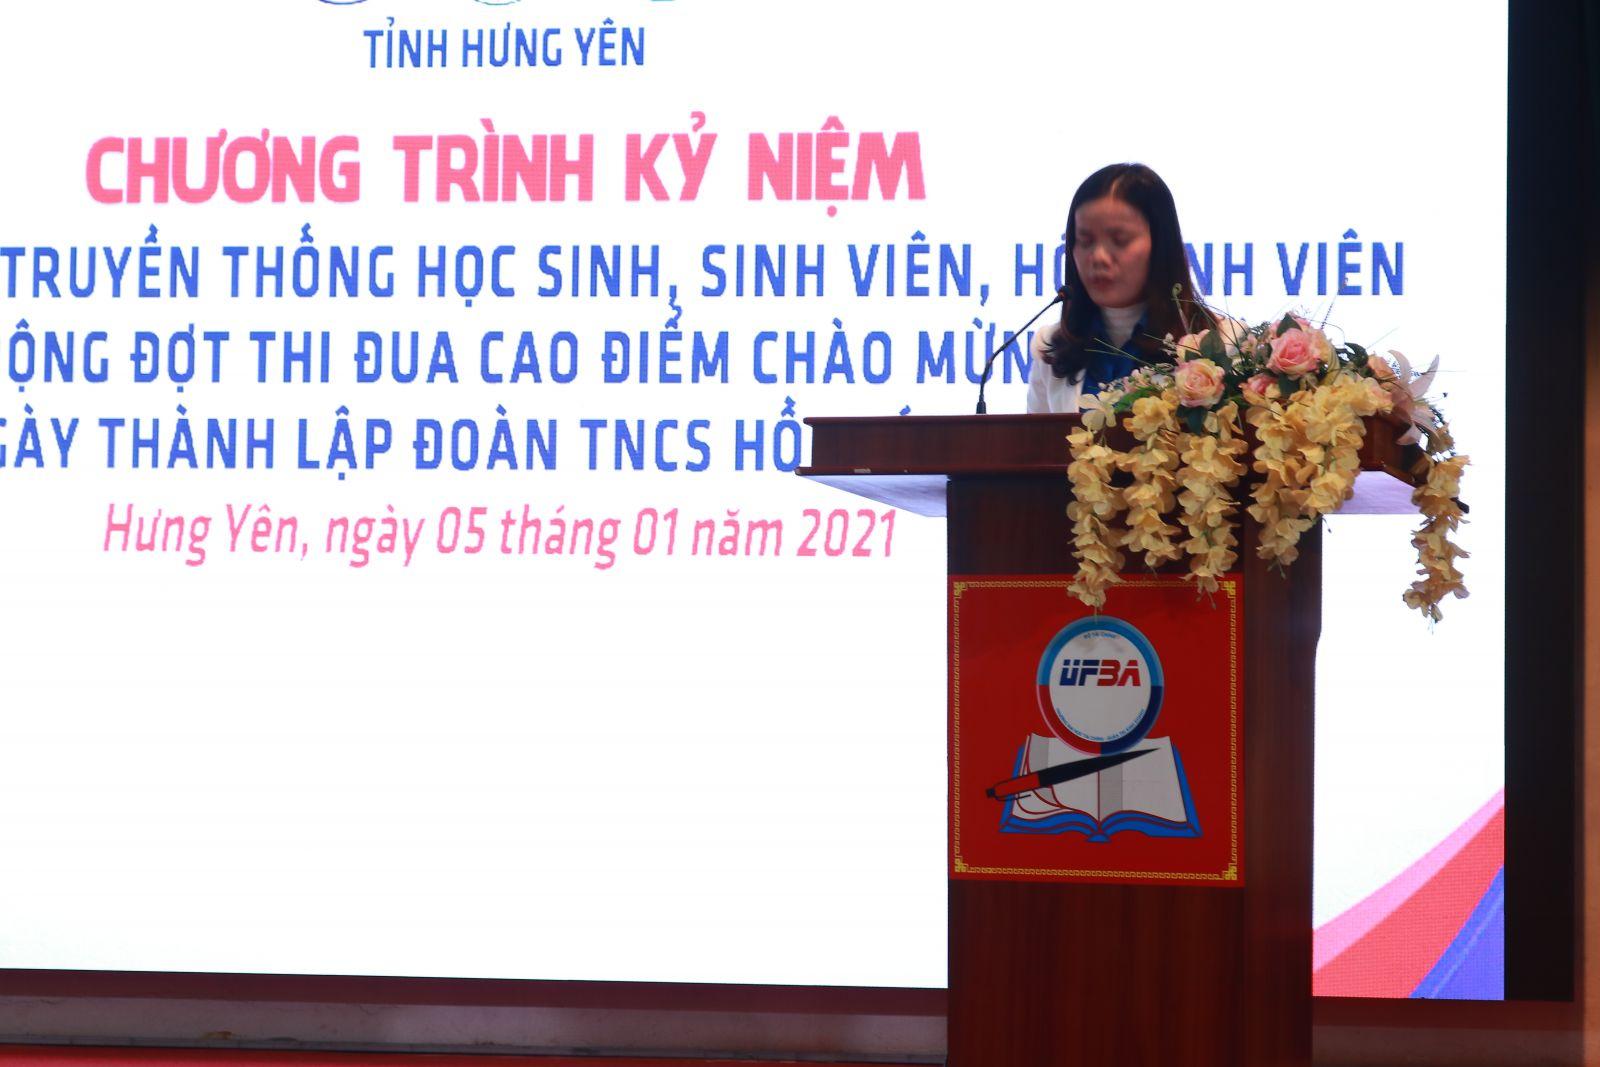 Kỷ niệm 71 năm Ngày truyền thống học sinh, sinh viên, Hội Sinh viên Việt Nam và Phát động đợt thi đua cao điểm chào mừng 90 năm ngày thành lập Đoàn TNCS Hồ Chí Minh trên địa bàn tỉnh